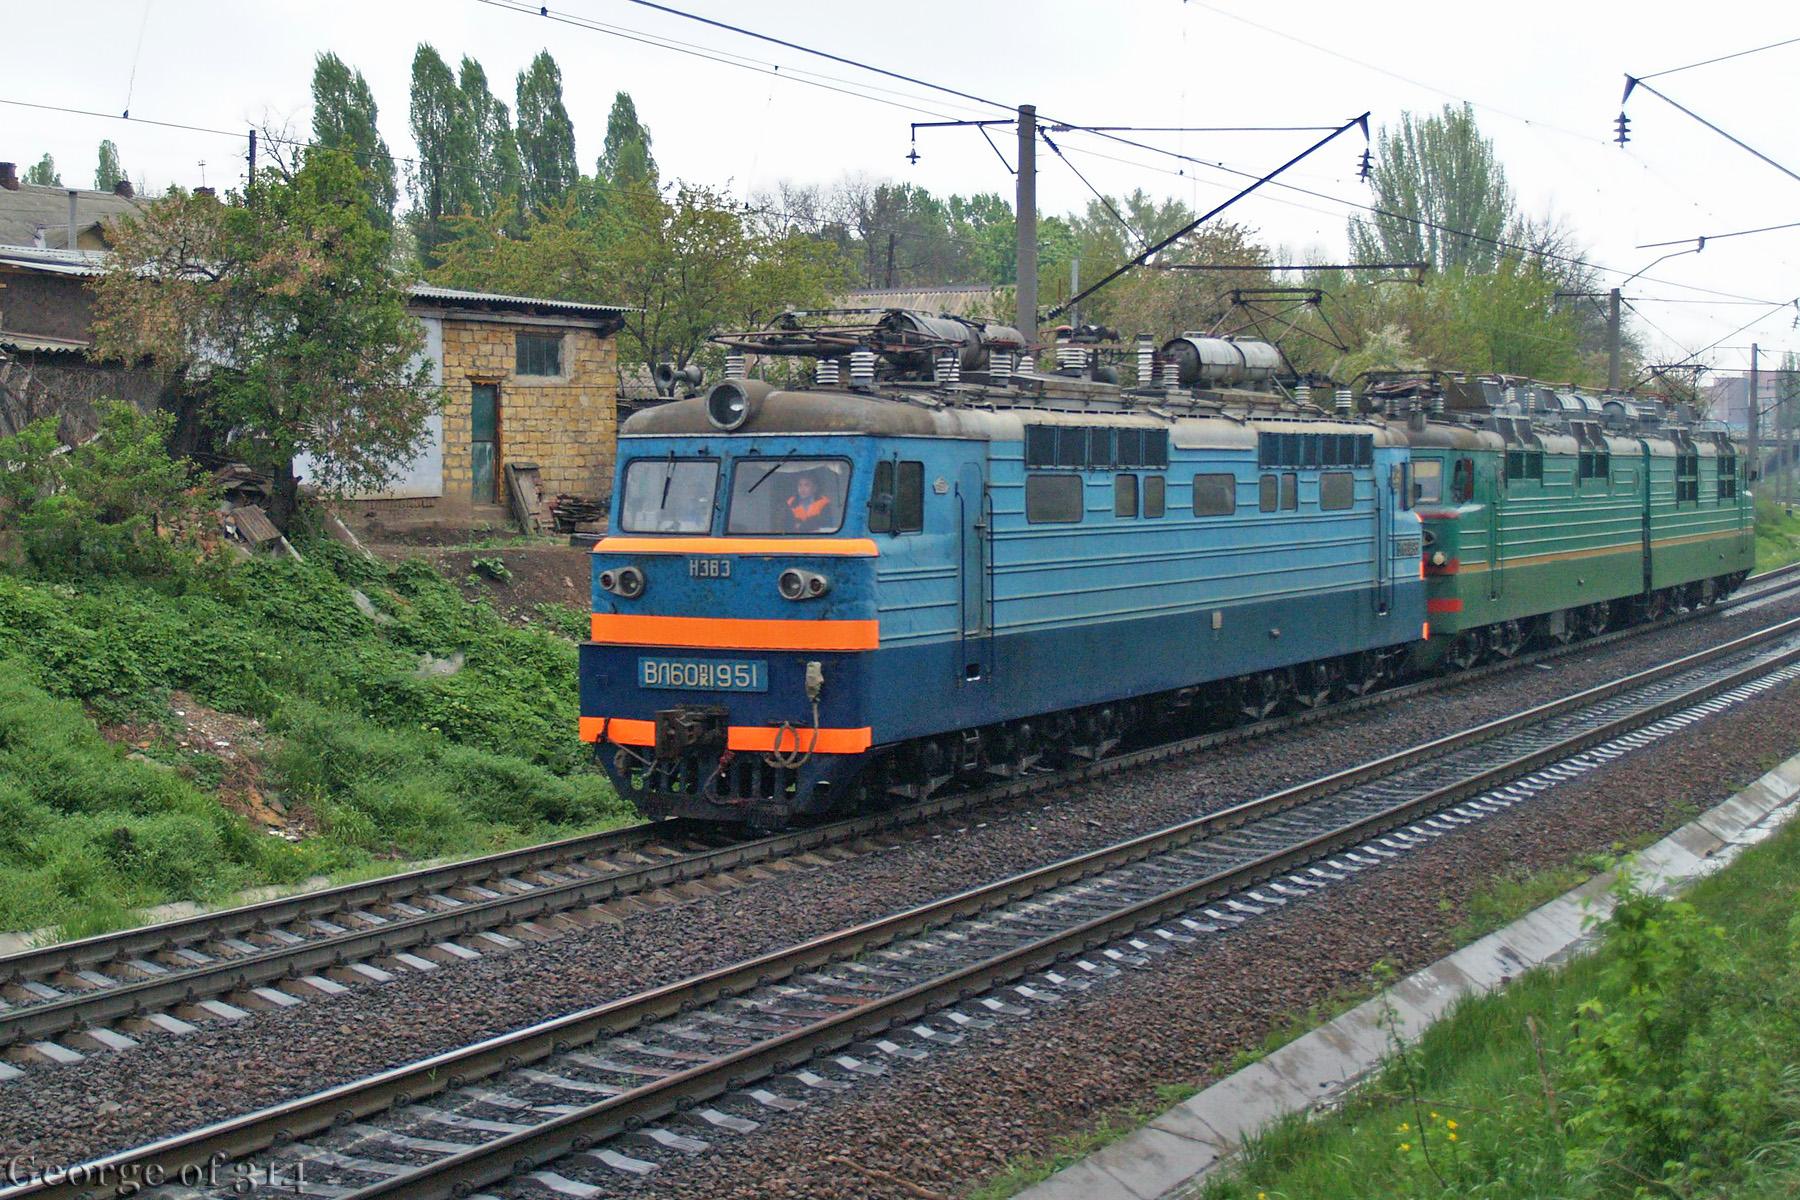 Електровози ВЛ60ПК-1951 та ВЛ80С-2347, перегін пост 1310 км - Одеса-Застава-ІІ